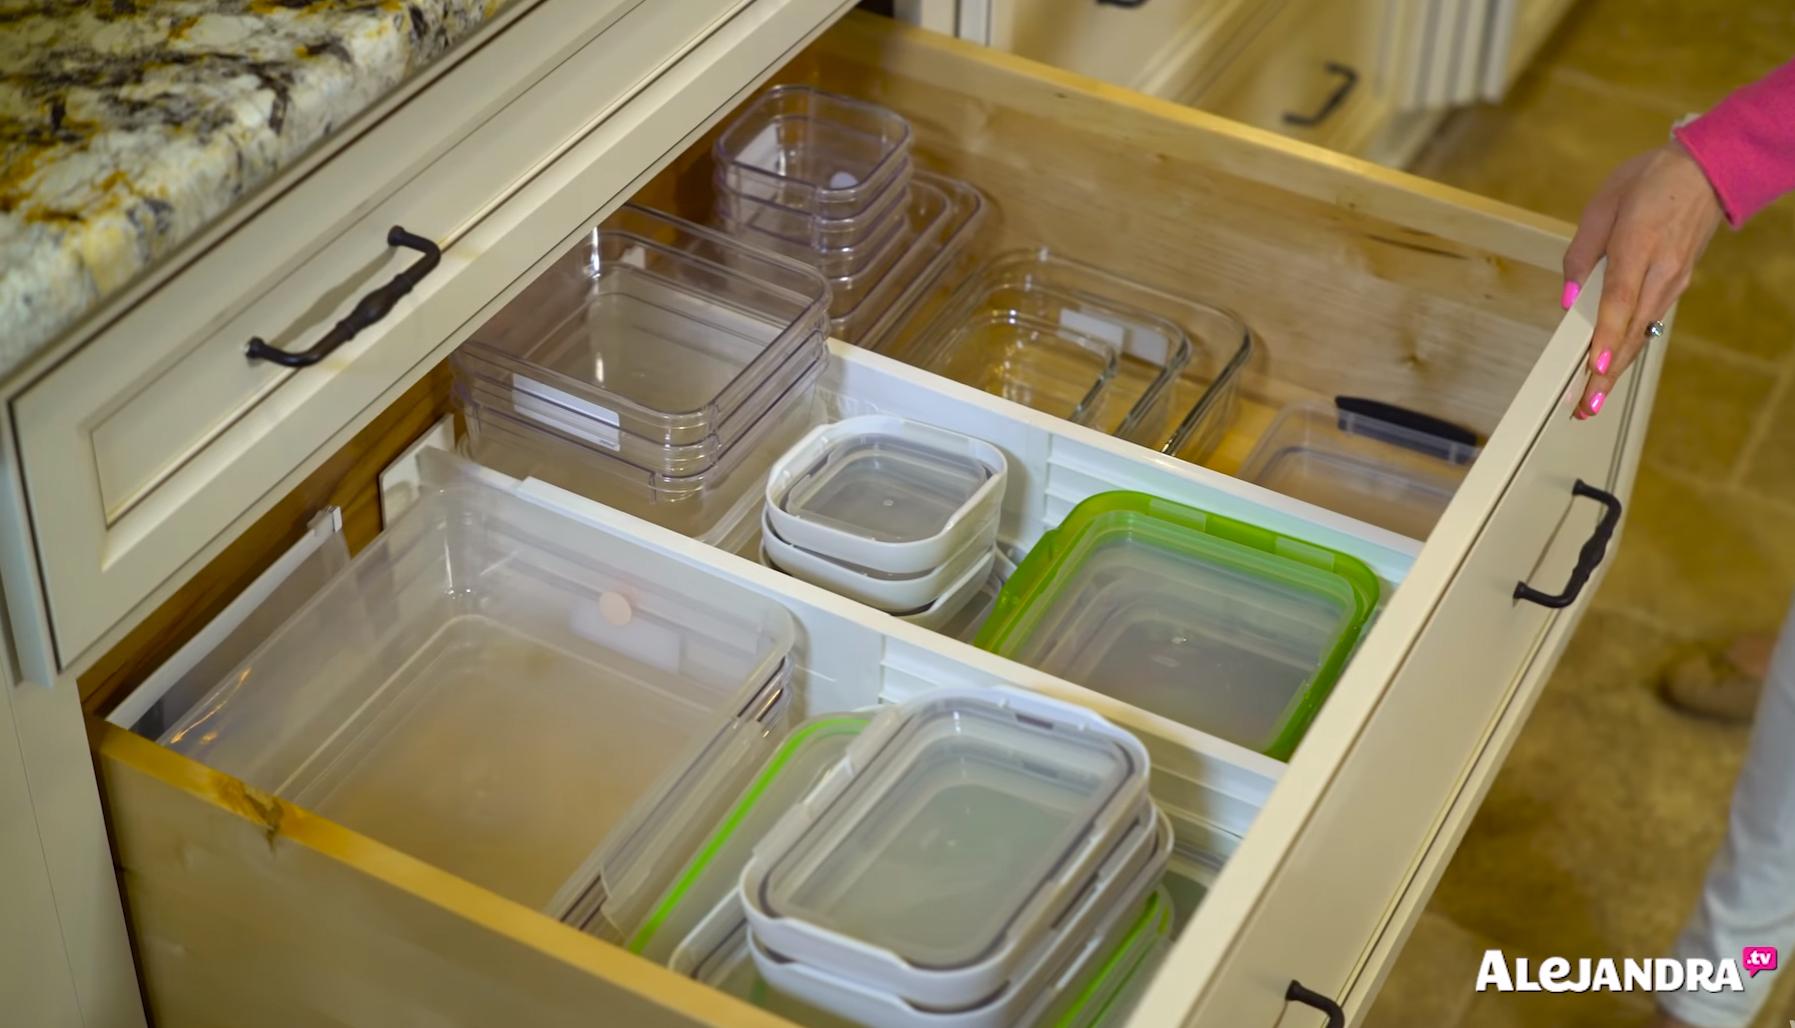 kitchen drawer organizer ideas snake sink how to organize a deep